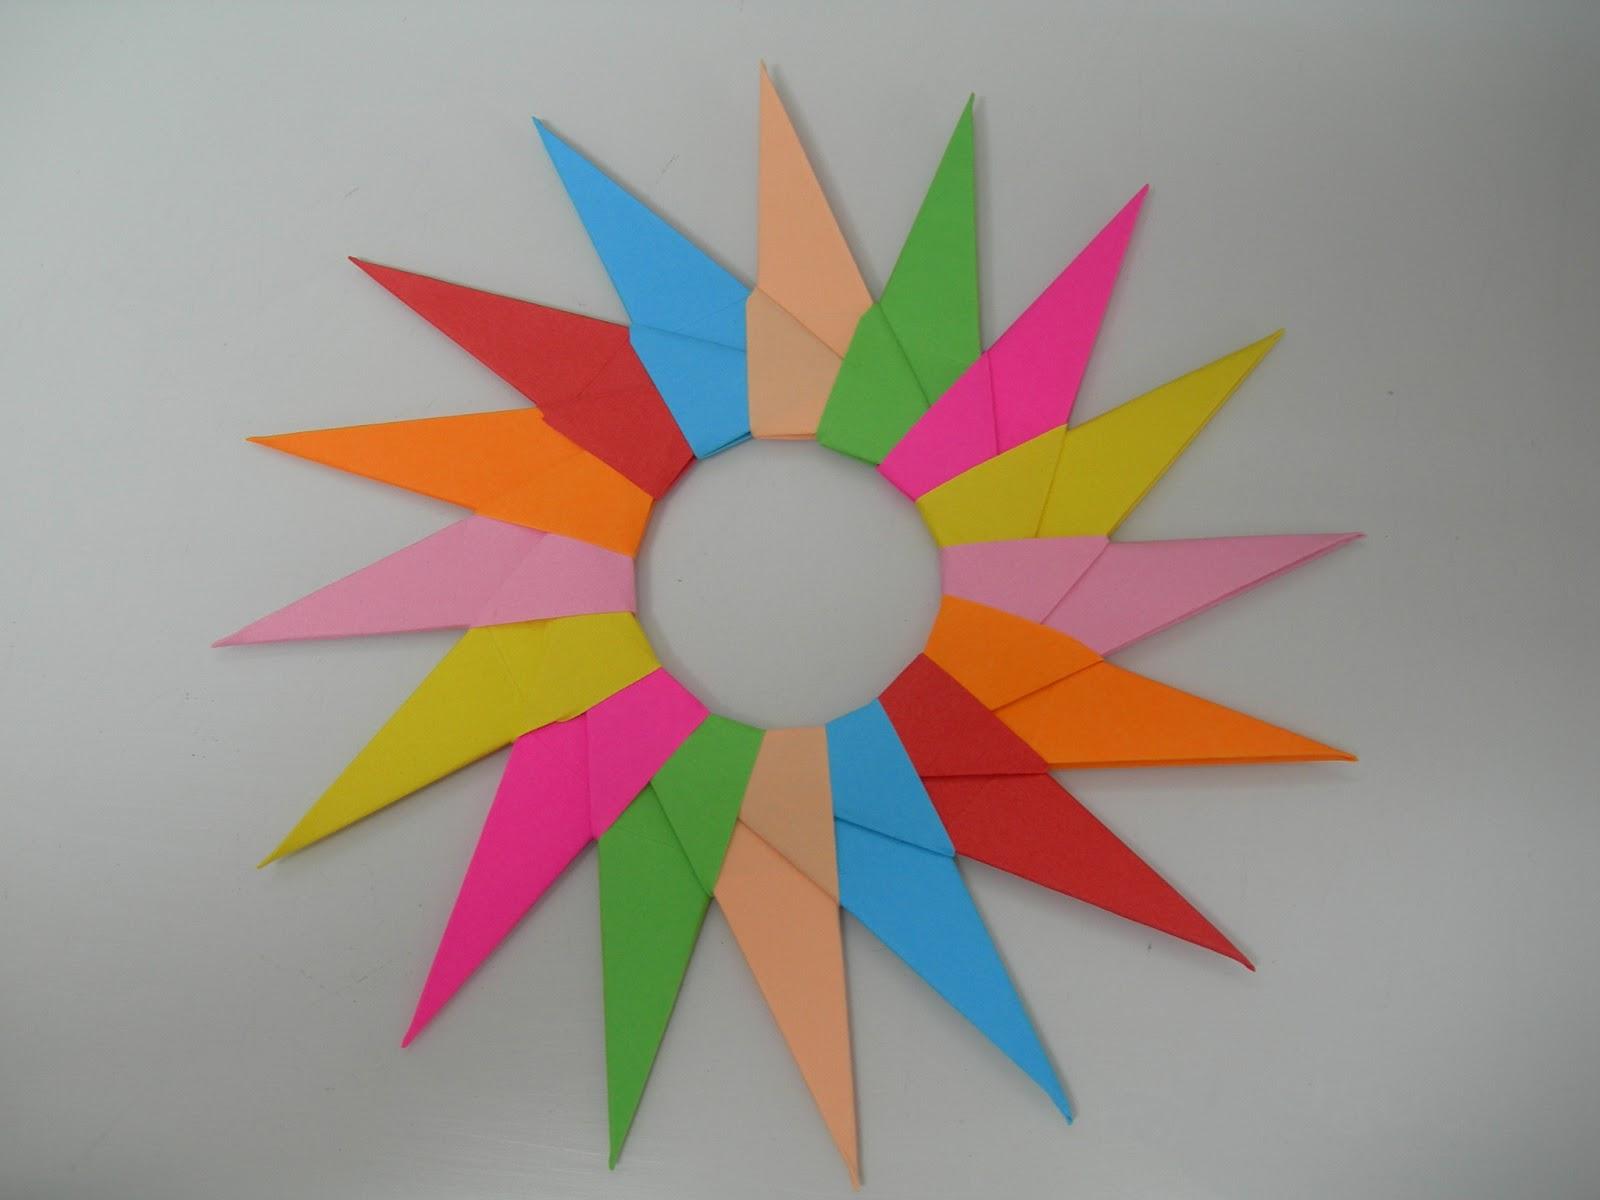 Papiroflexia en la escuela estrella modular de 16 puntas - Como hacer colores ...